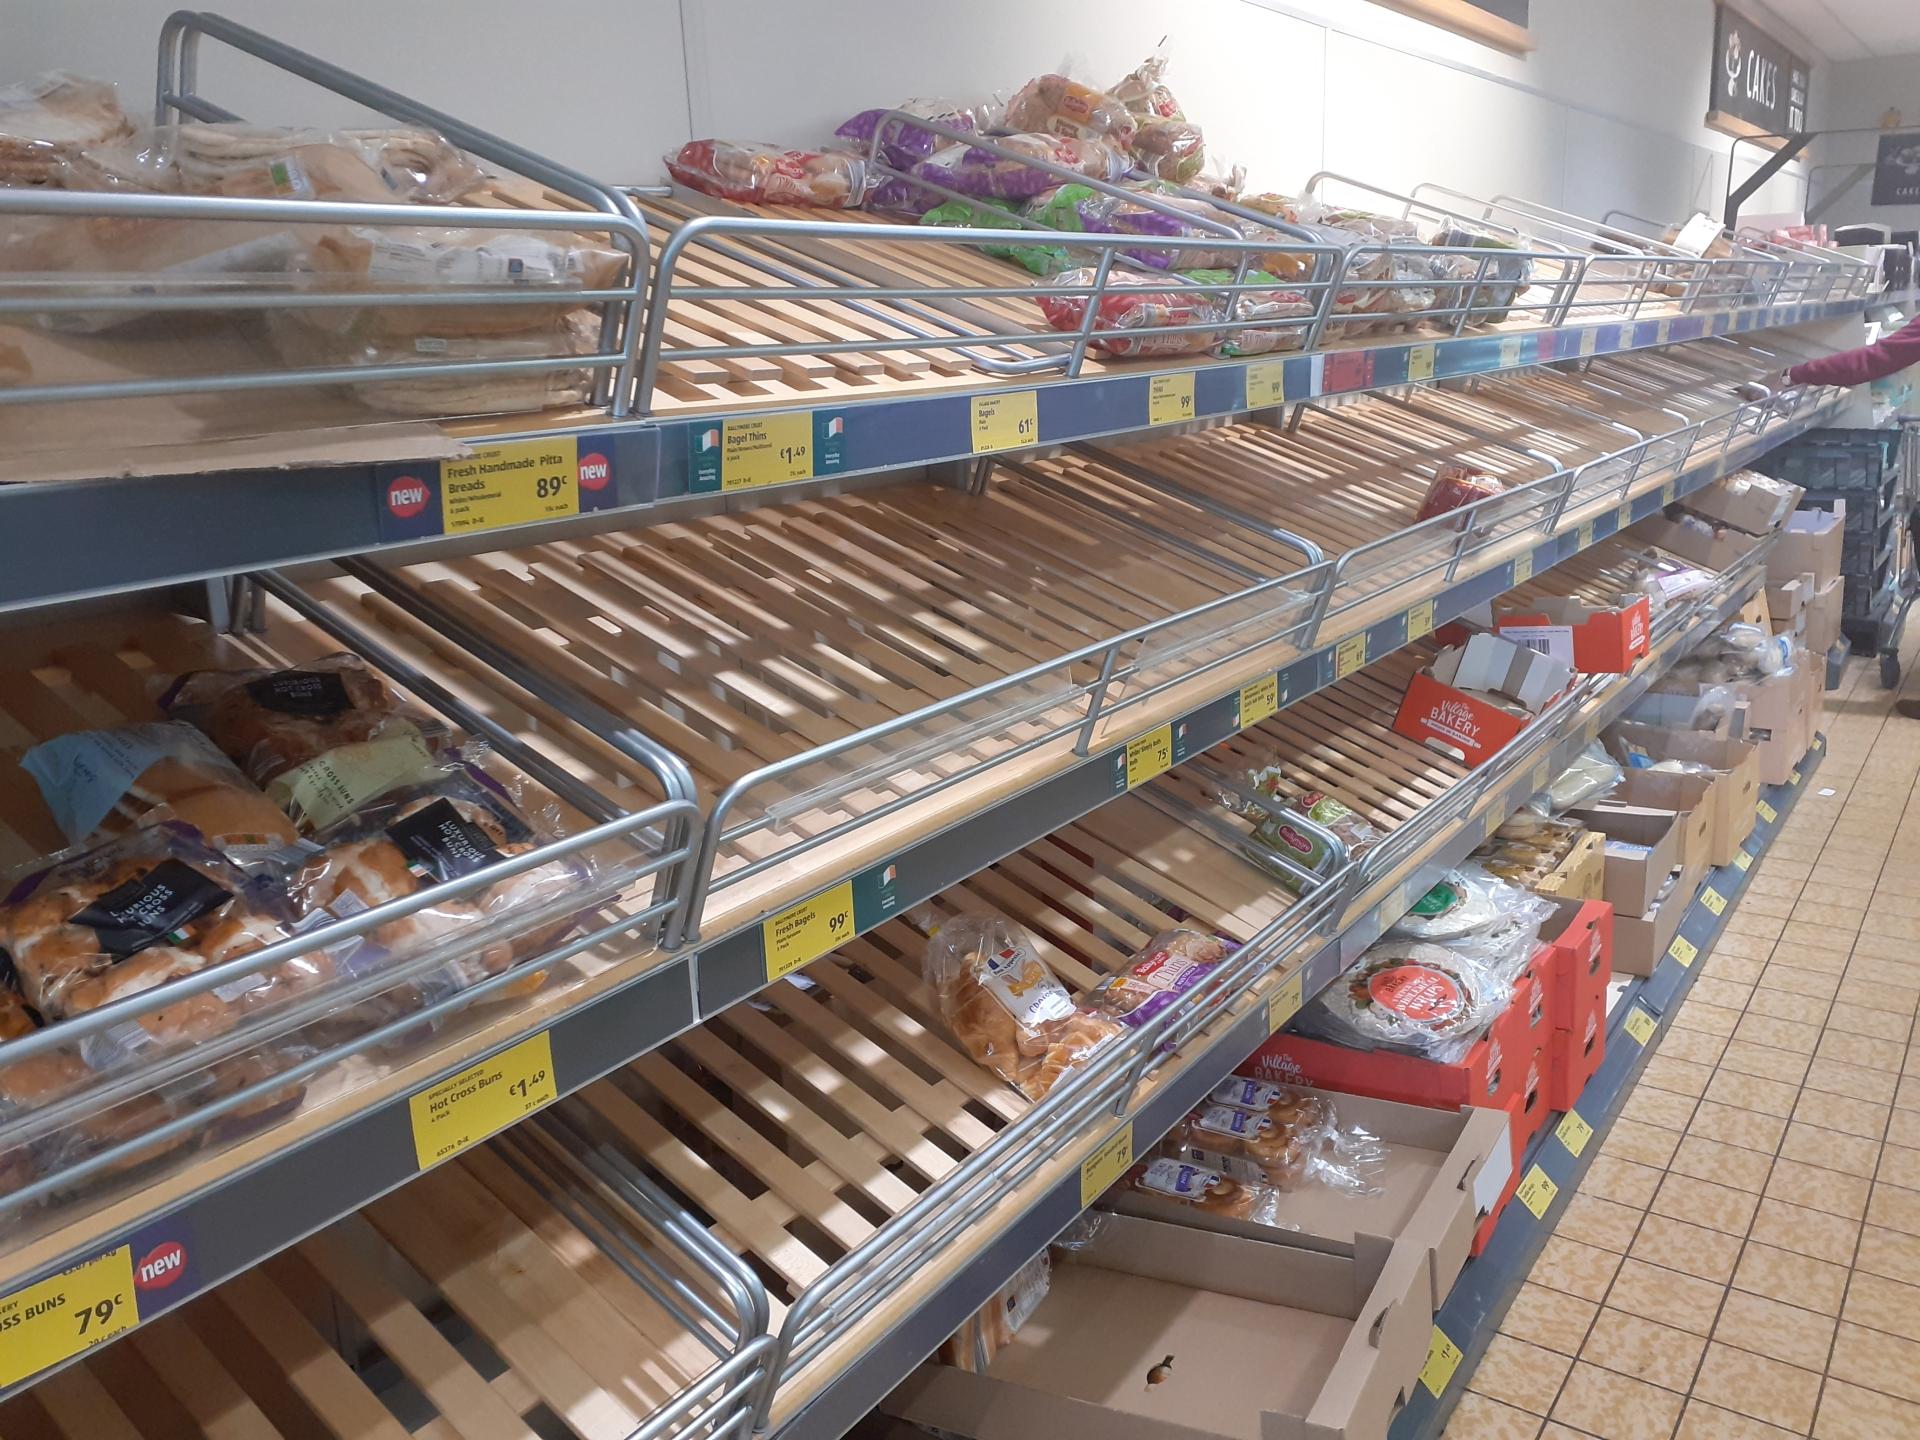 Bread isle in Aldi is left bare